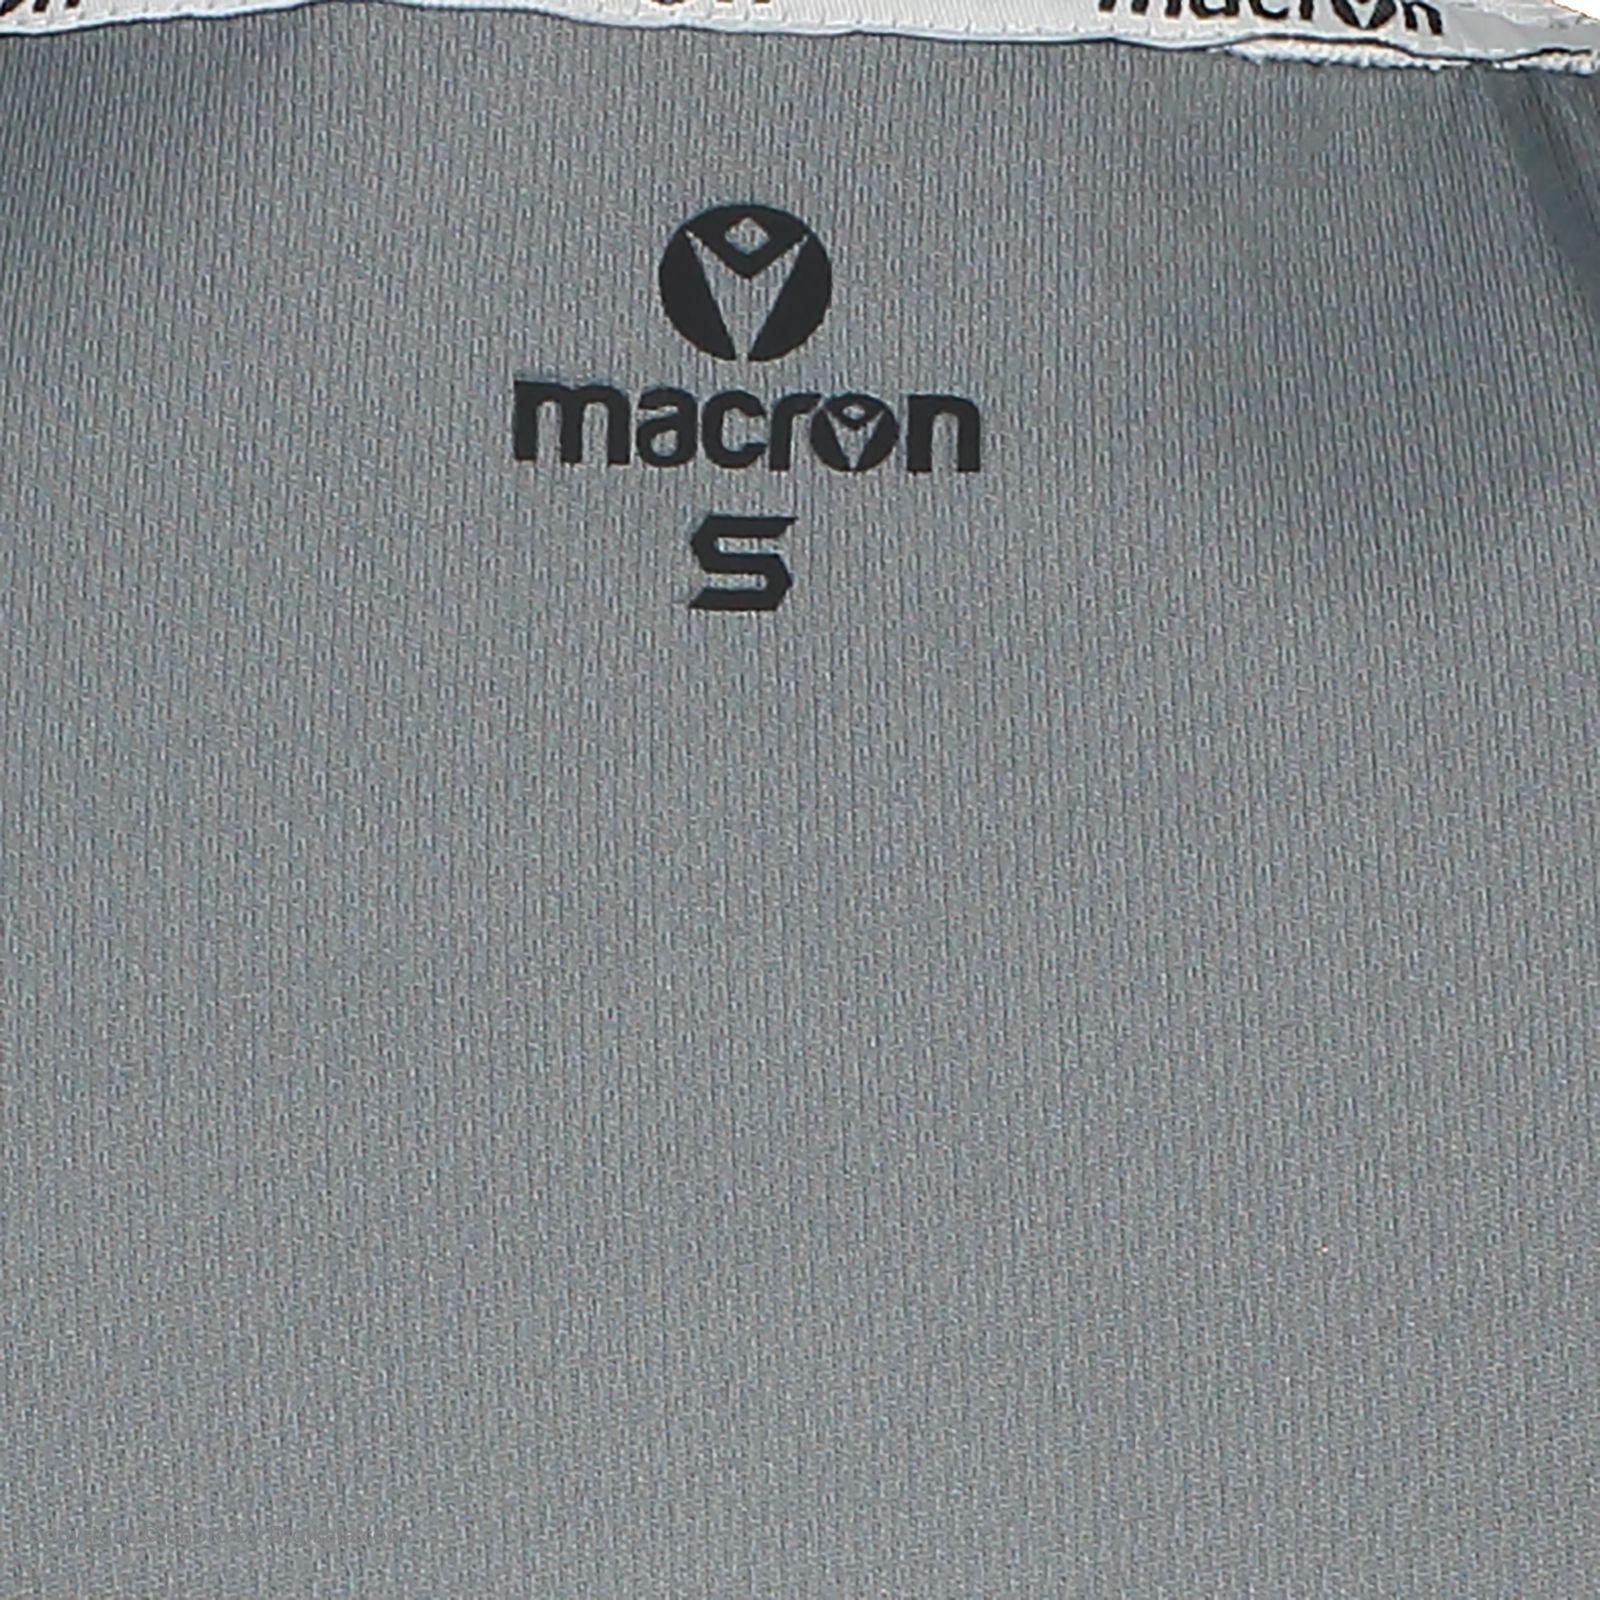 پولوشرت ورزشی مردانه مکرون مدل شوفار کد 35020-01 -  - 7